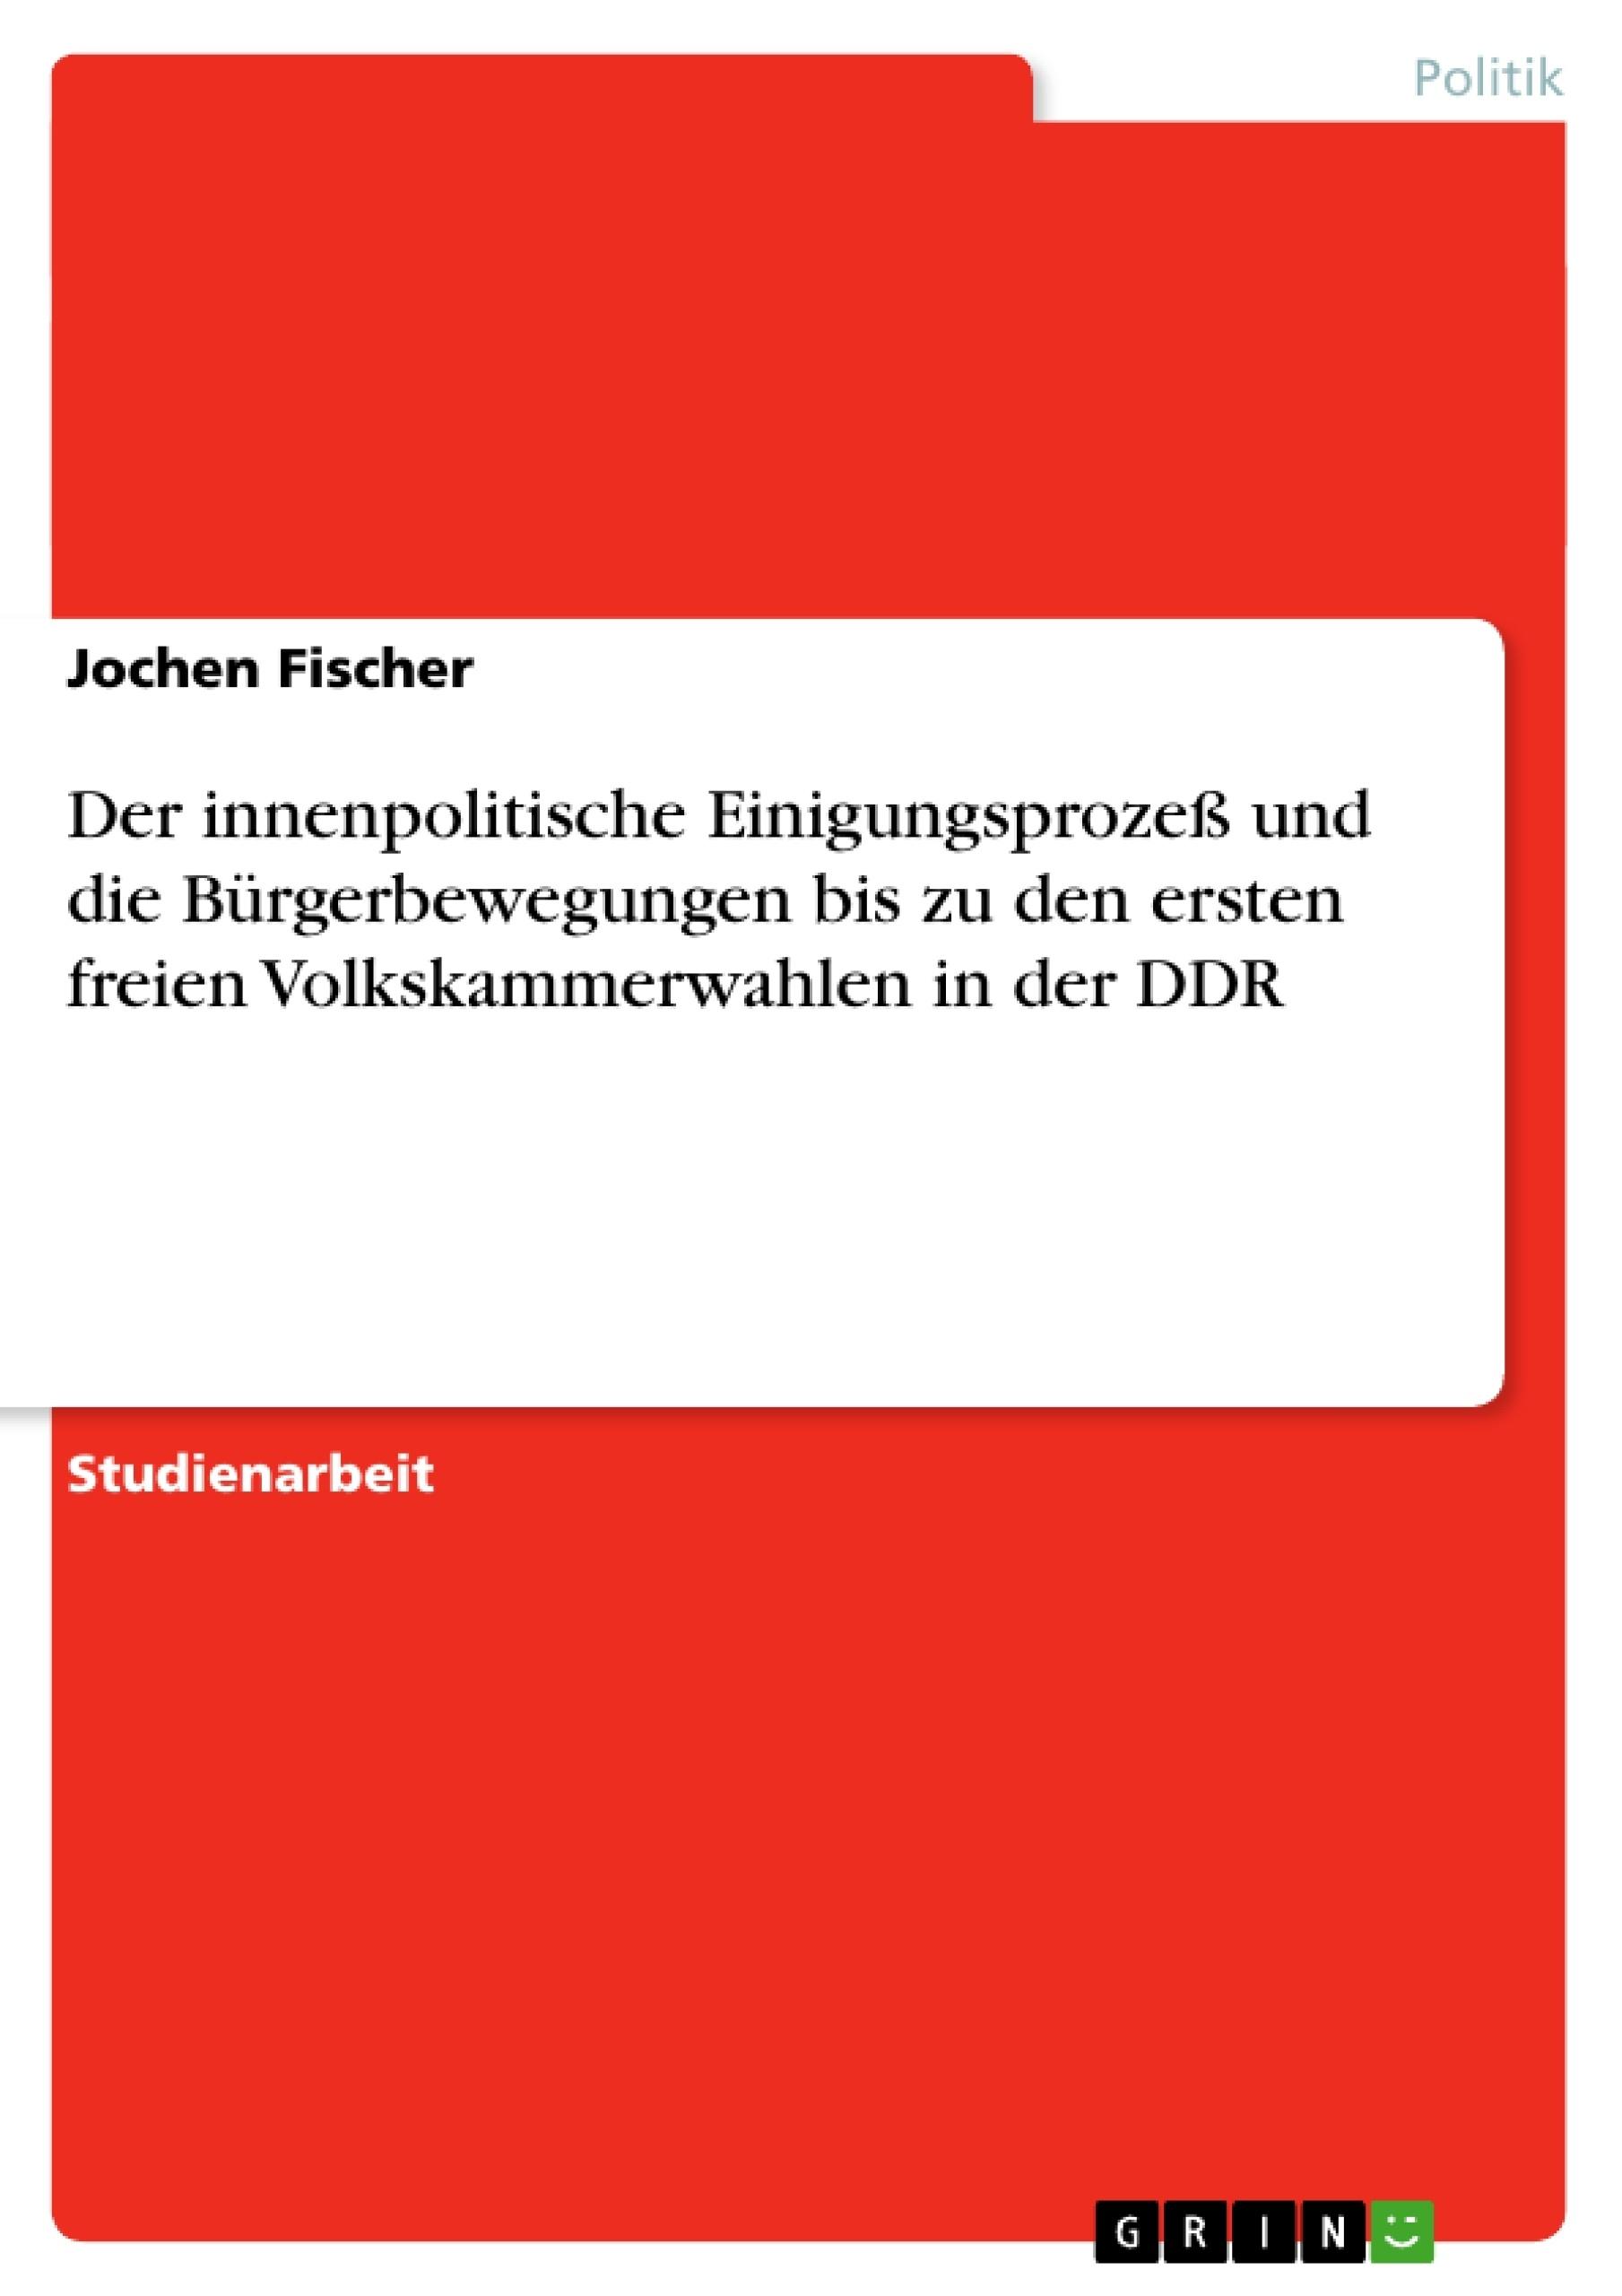 Titel: Der innenpolitische Einigungsprozeß und die Bürgerbewegungen bis zu den ersten freien Volkskammerwahlen in der DDR